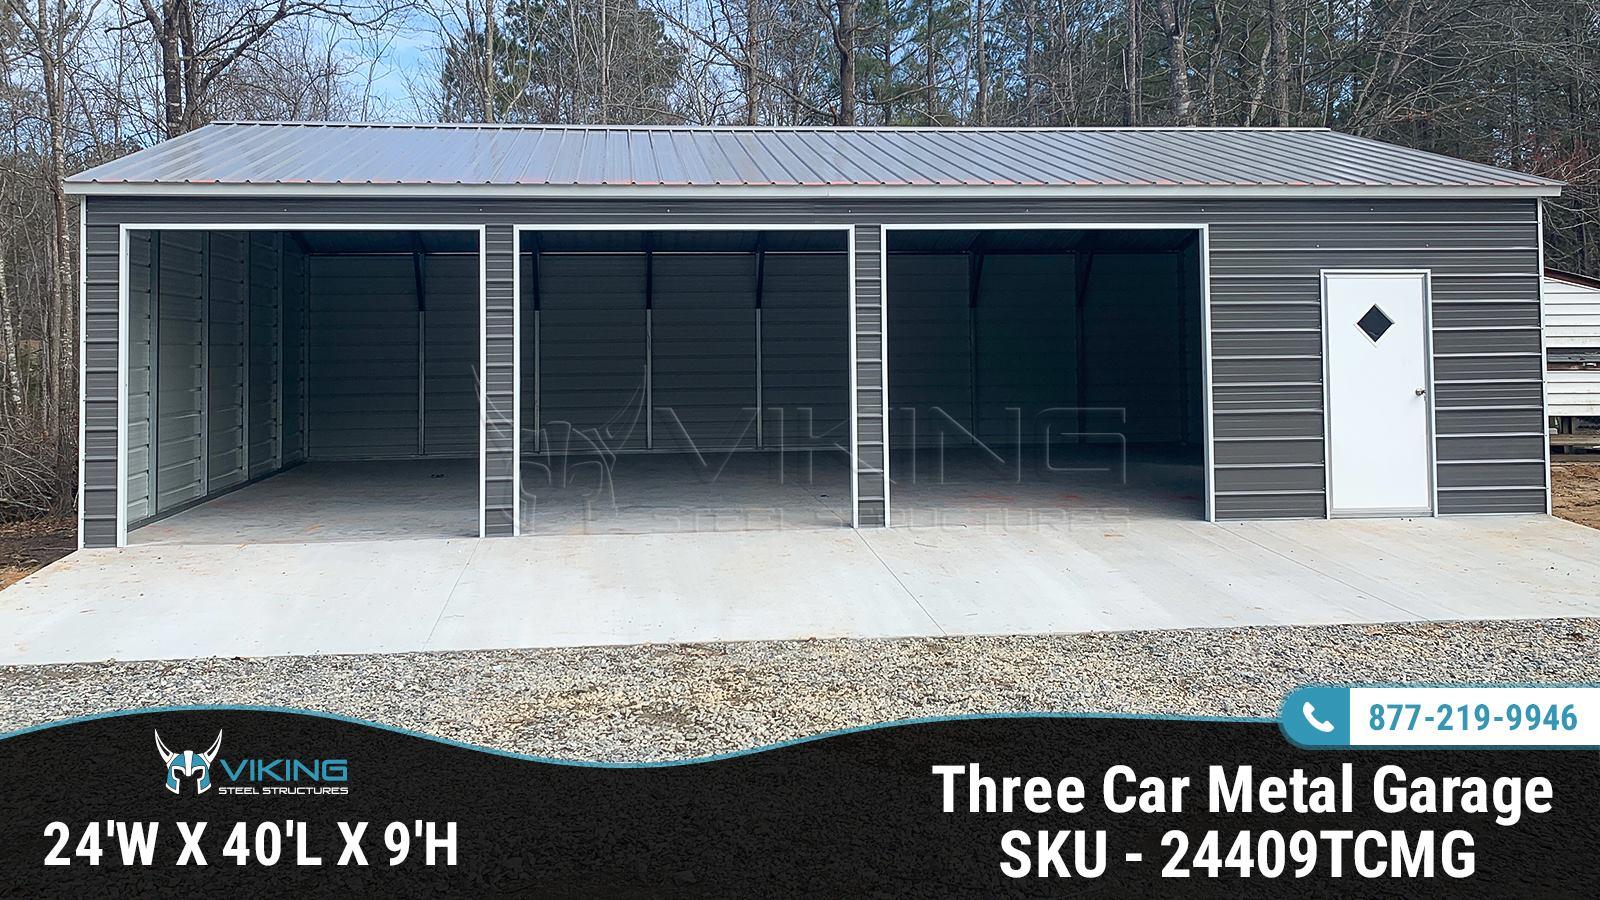 24x40x9-three-car-metal-garage